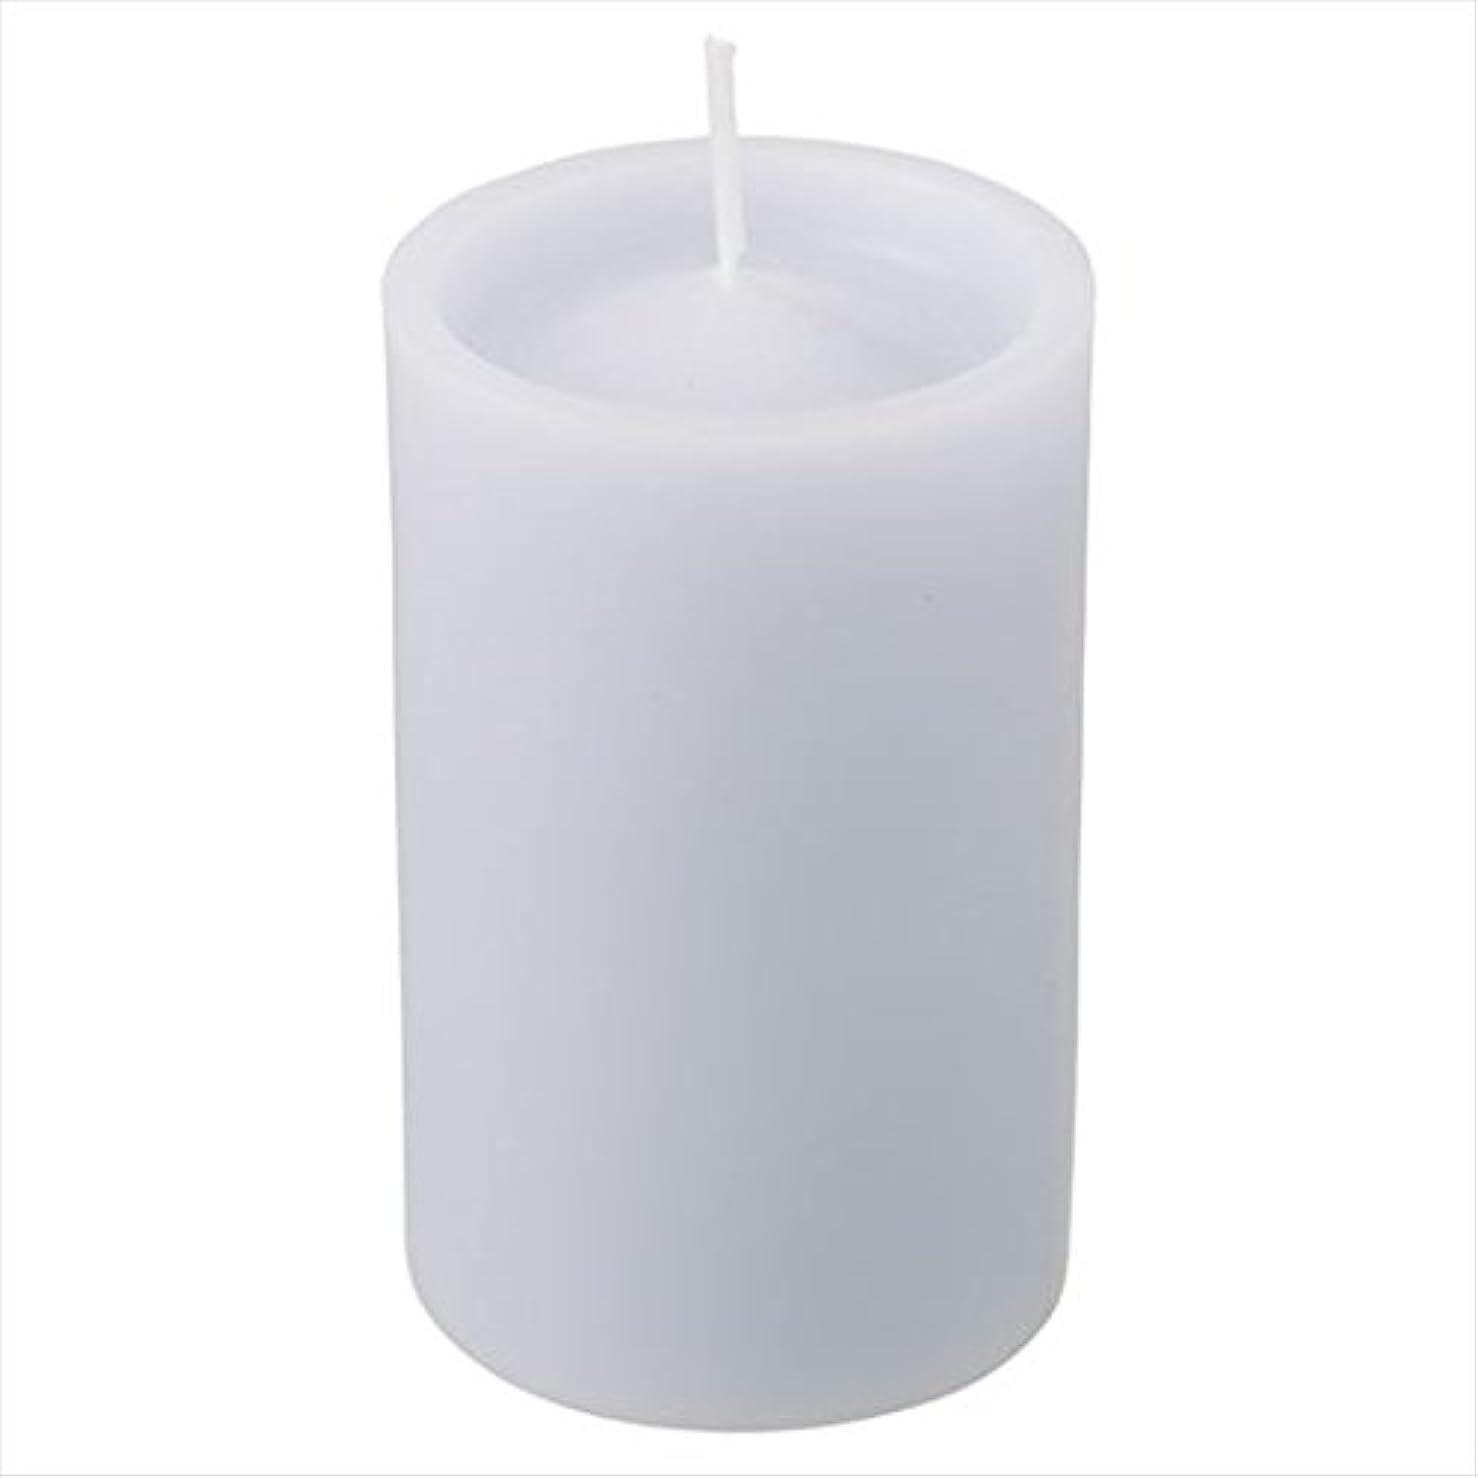 処方するフォーラム絡み合いカメヤマキャンドル( kameyama candle ) ロイヤルラウンド60 「 グレー 」